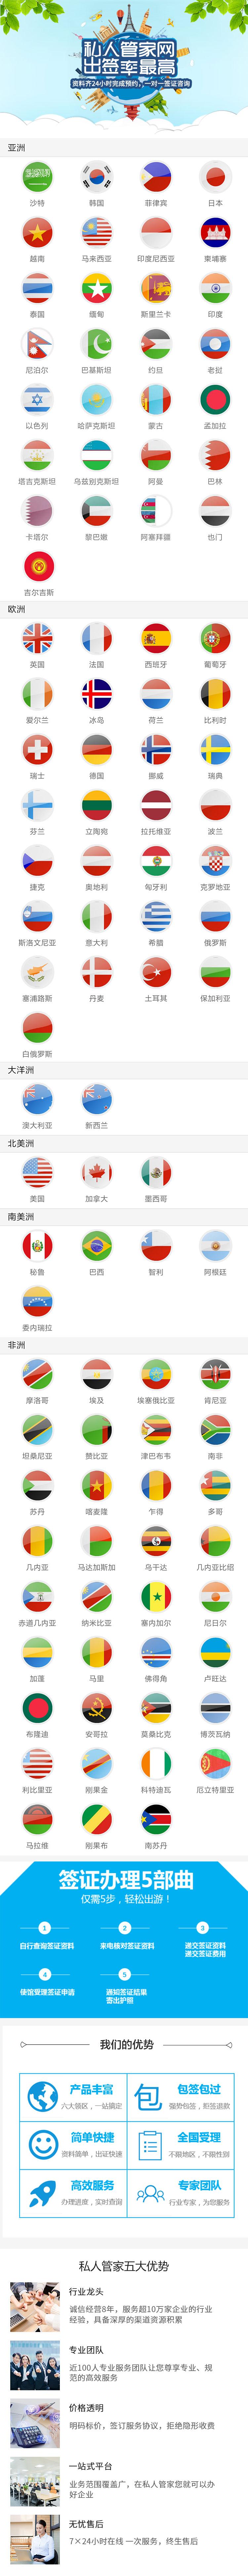 全球签证(百度SEM).jpg